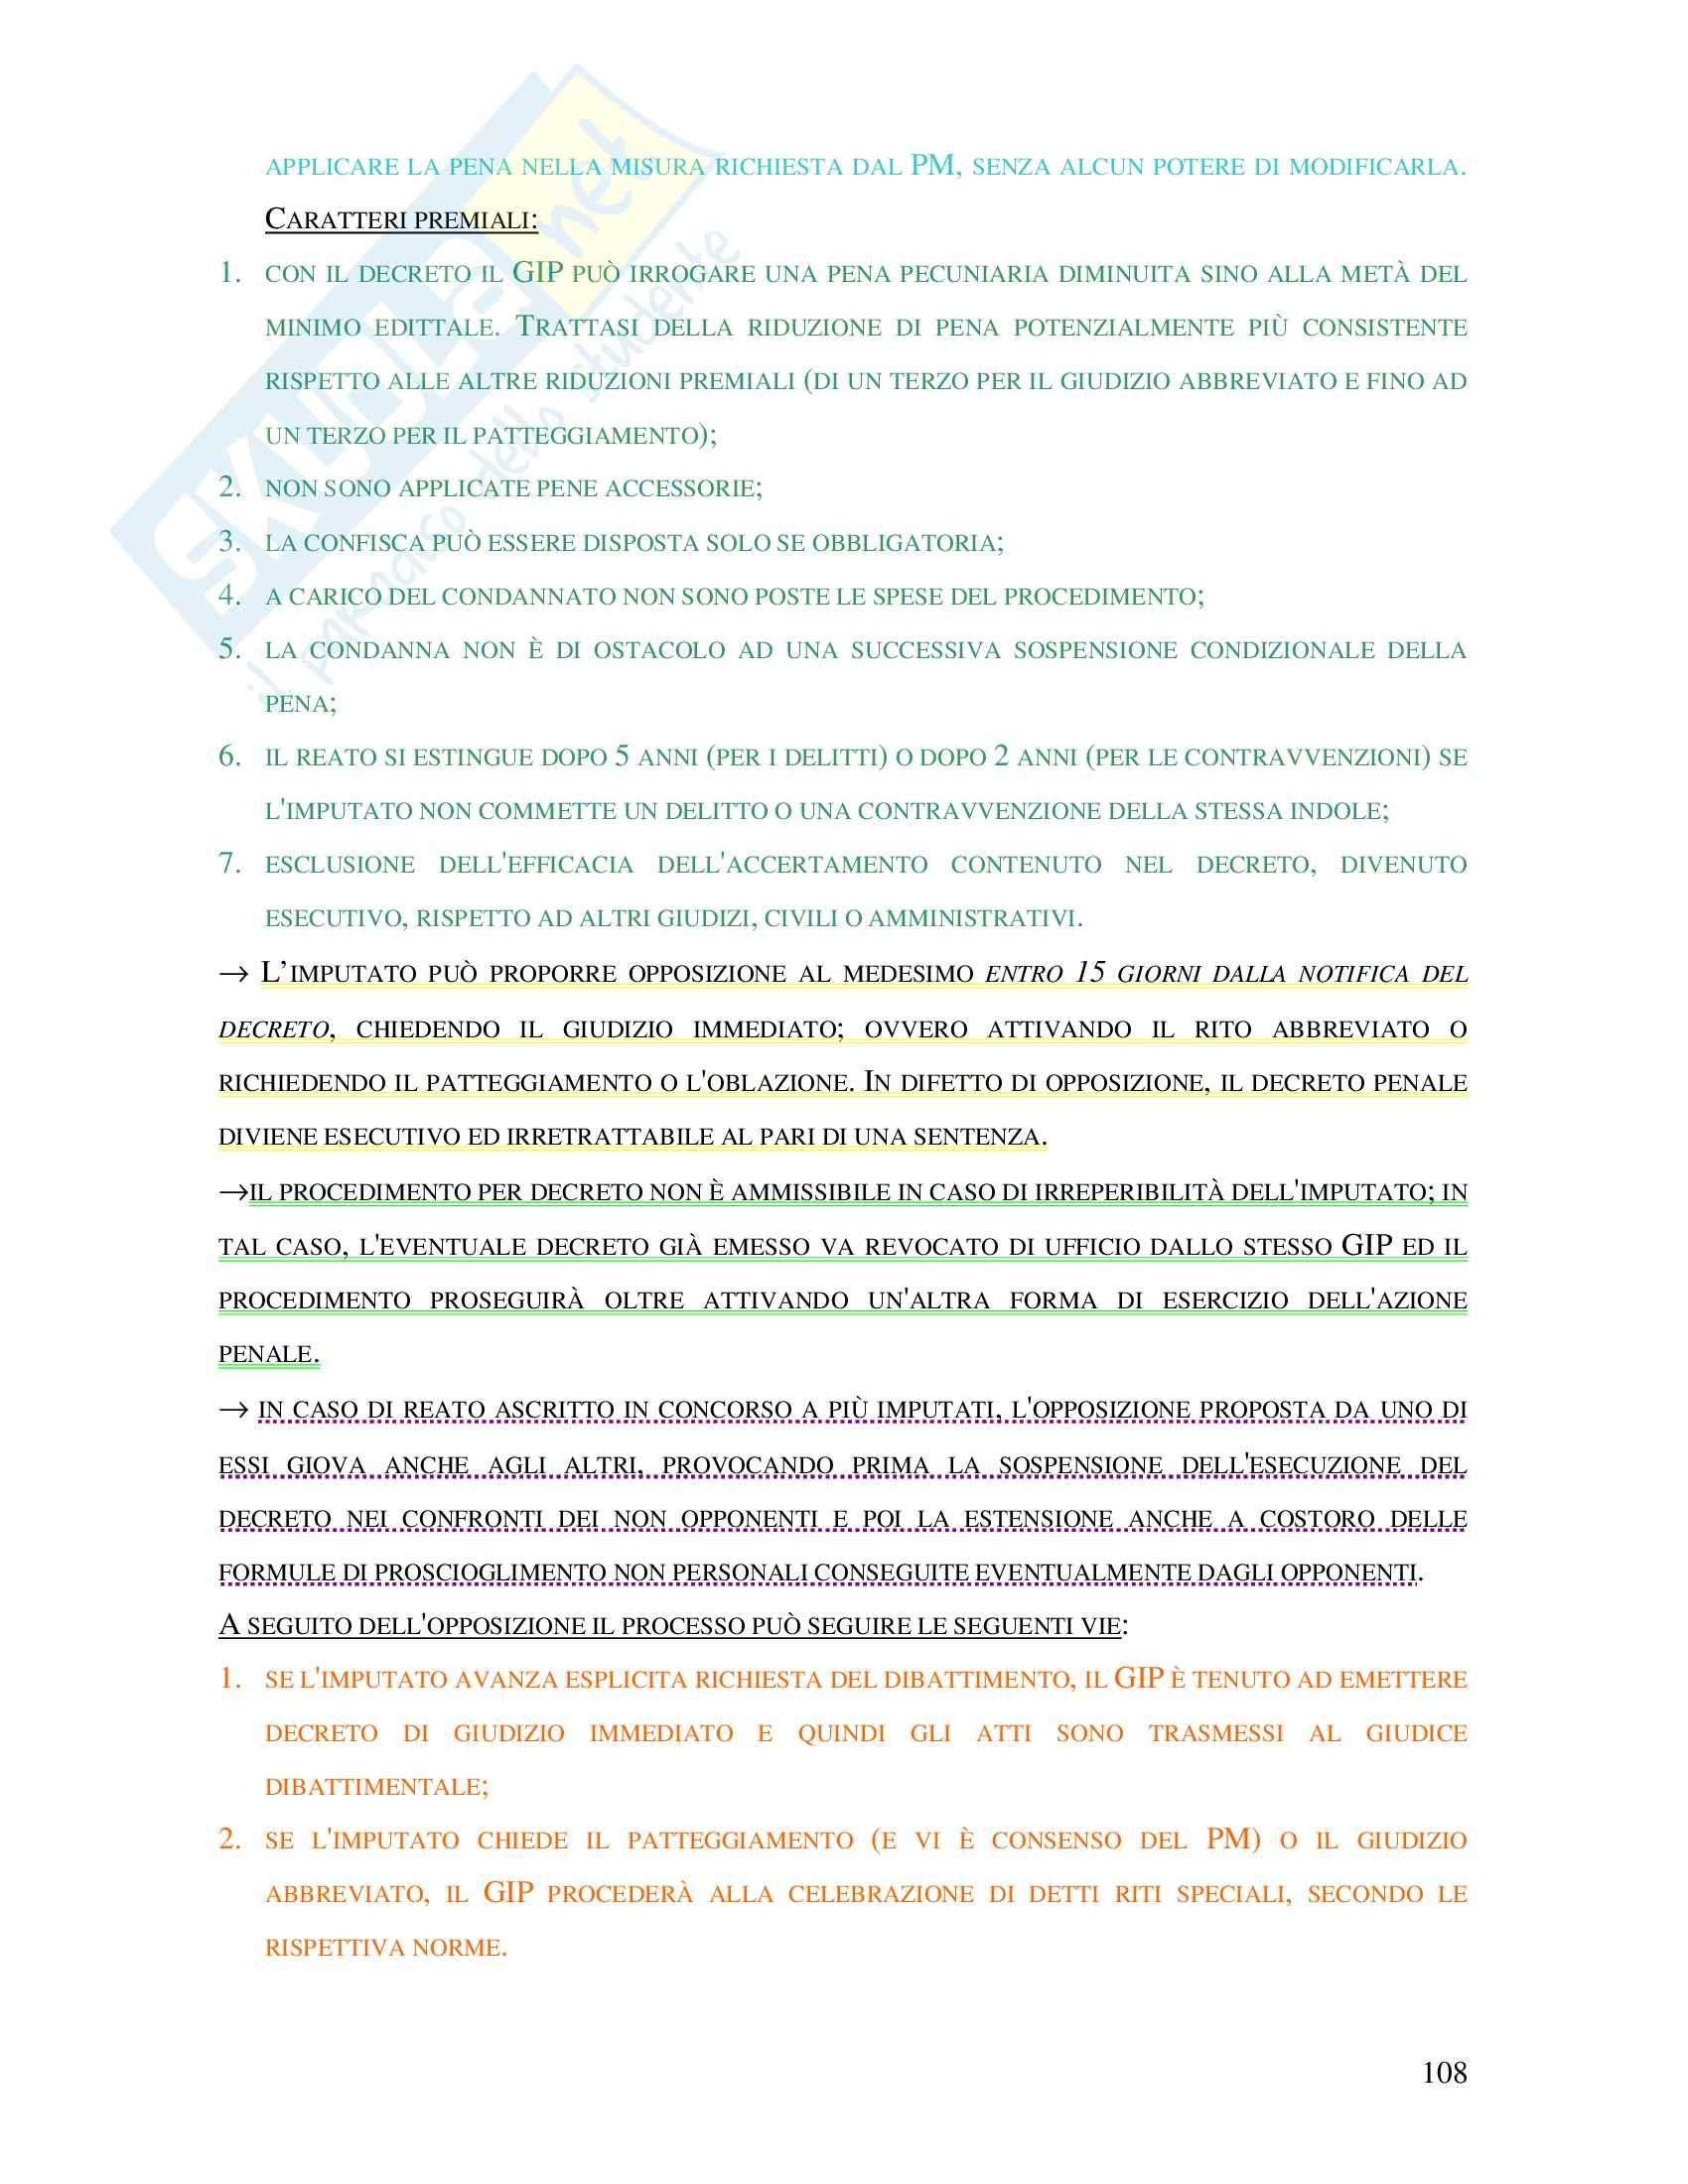 Diritto penale - procedimenti speciali Pag. 6